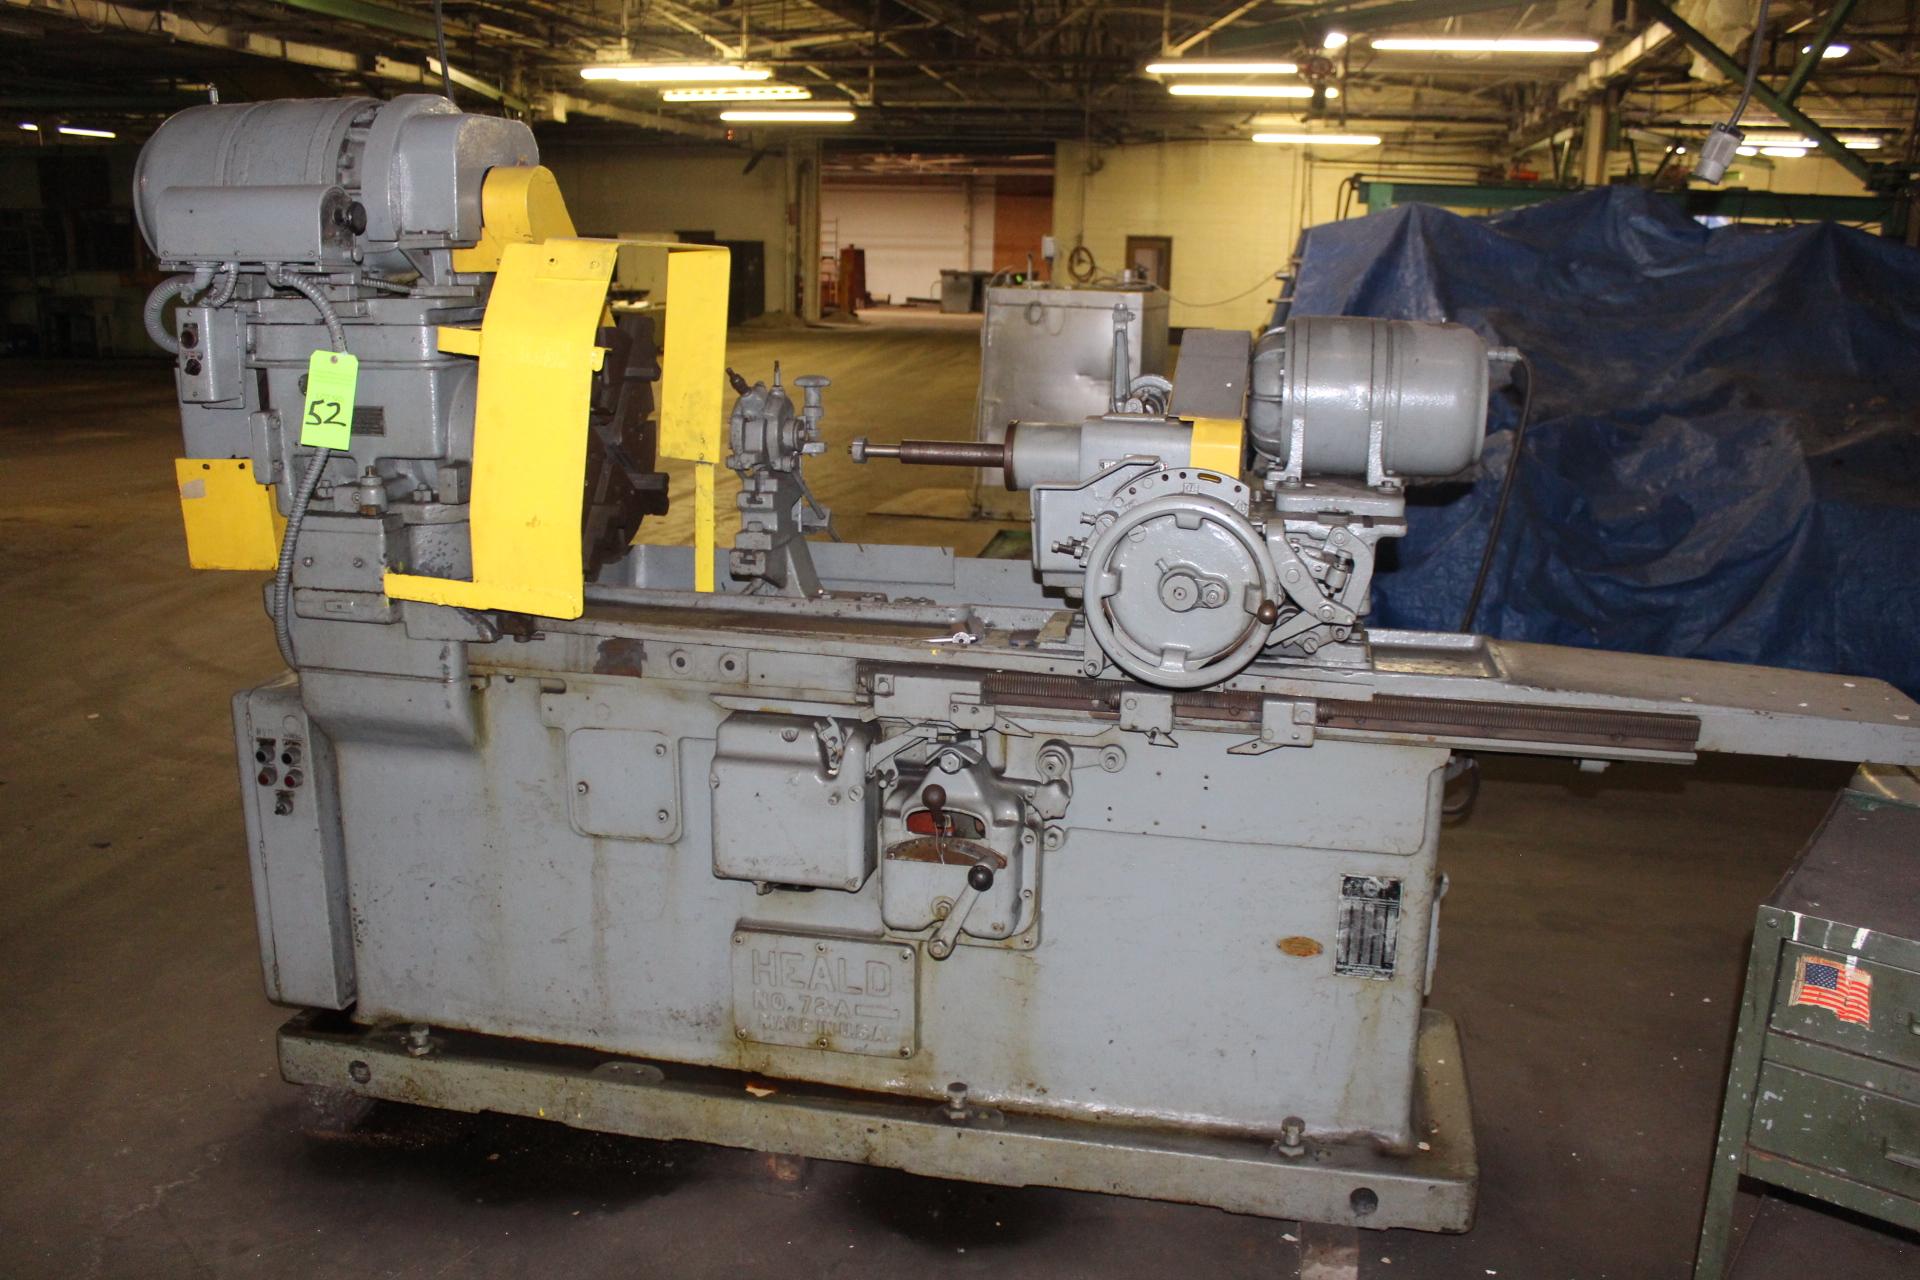 Lot 52 - Heald 72A I.D. Grinder